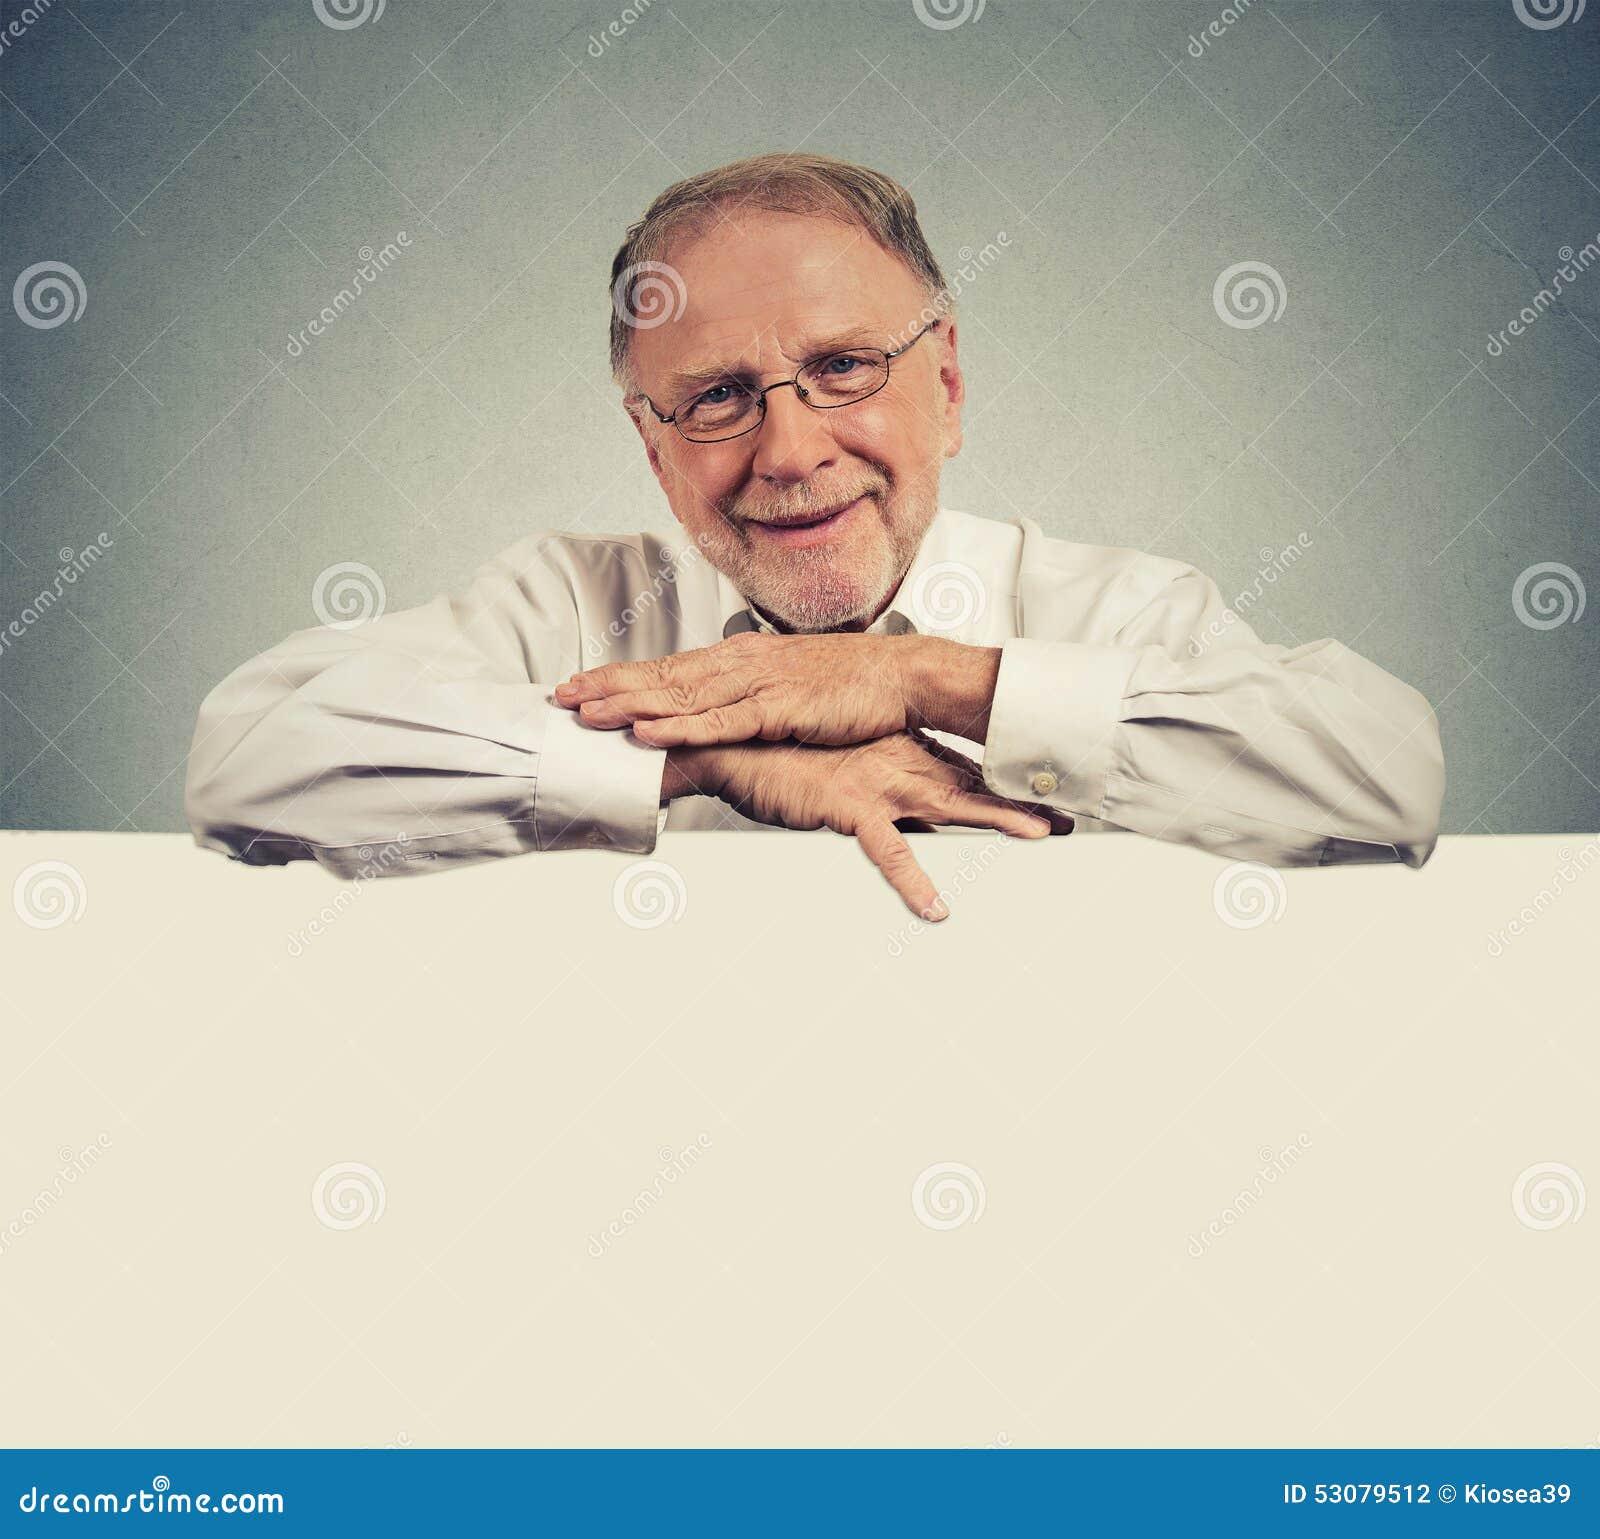 Starszy szczęśliwy mężczyzna z pustej przestrzeni bielu sztandarem